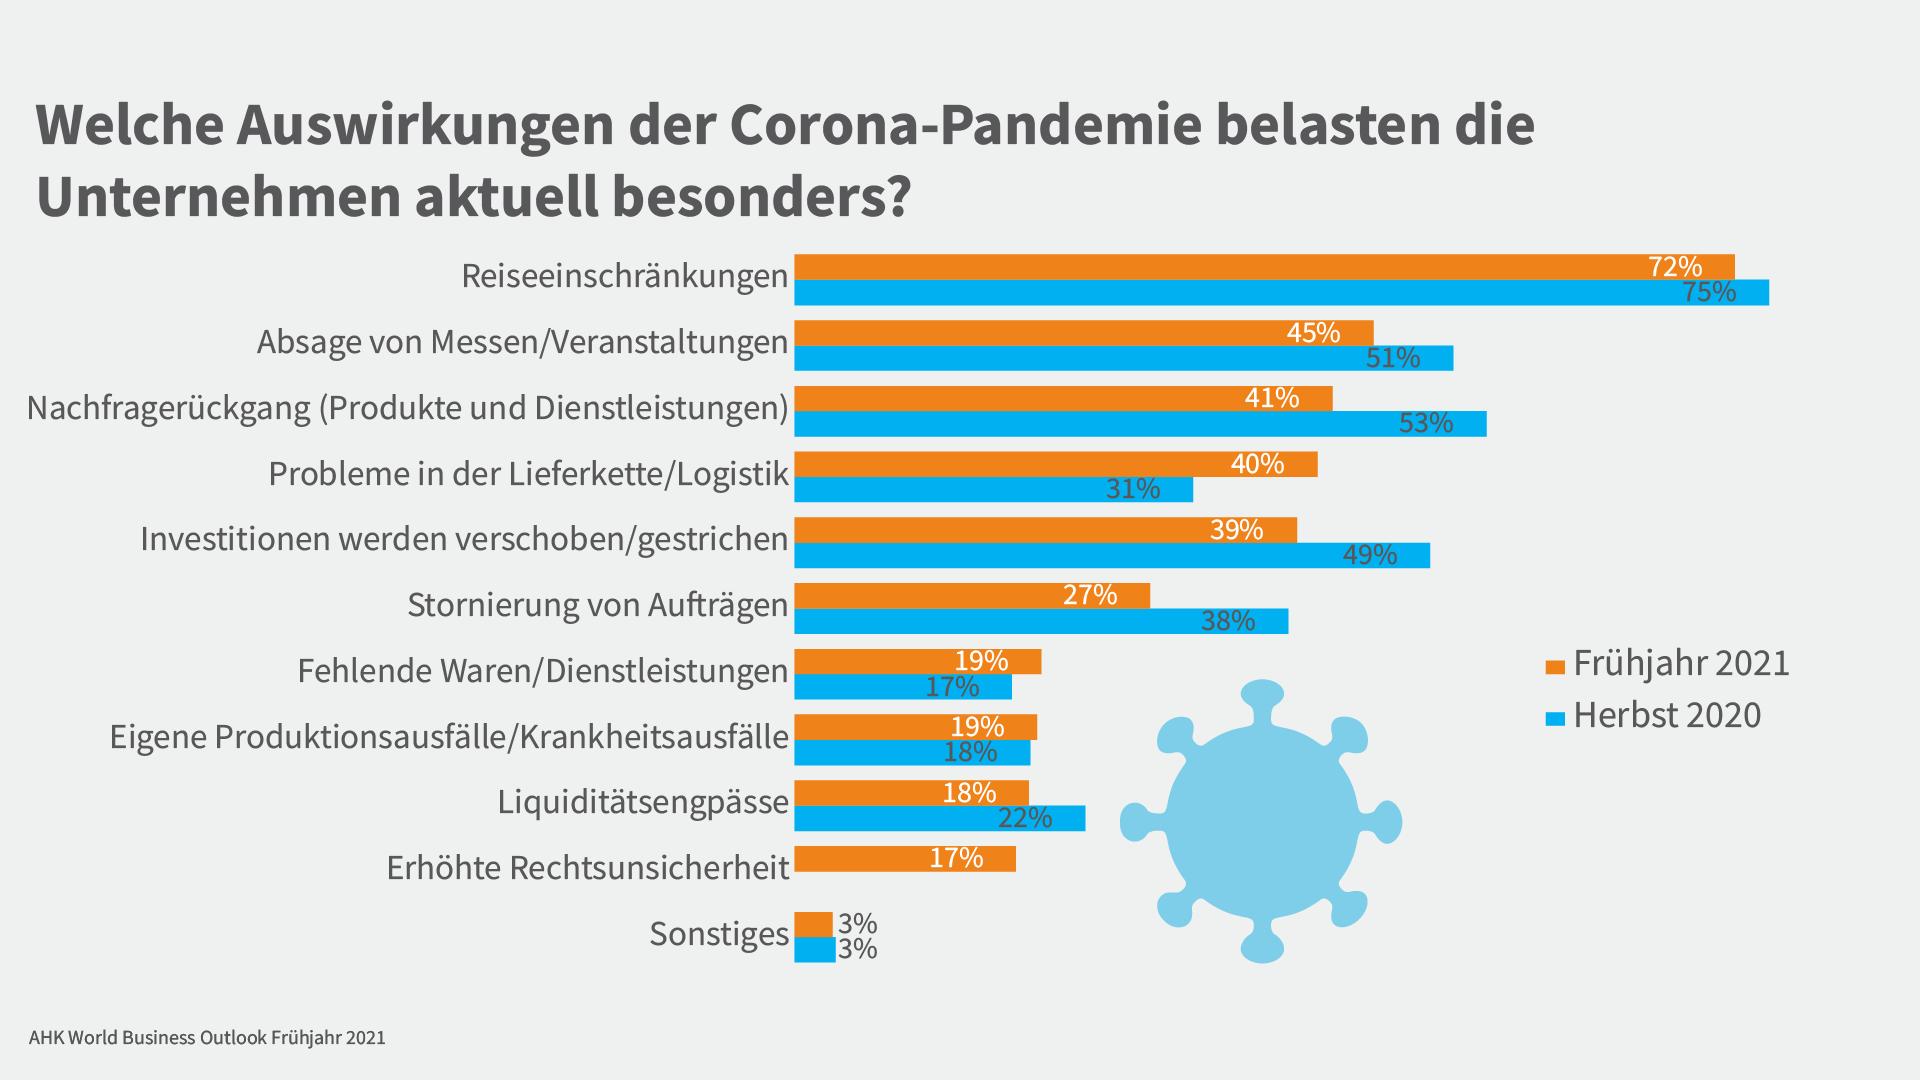 Grafik zu den Auswirkungen der Pandemie